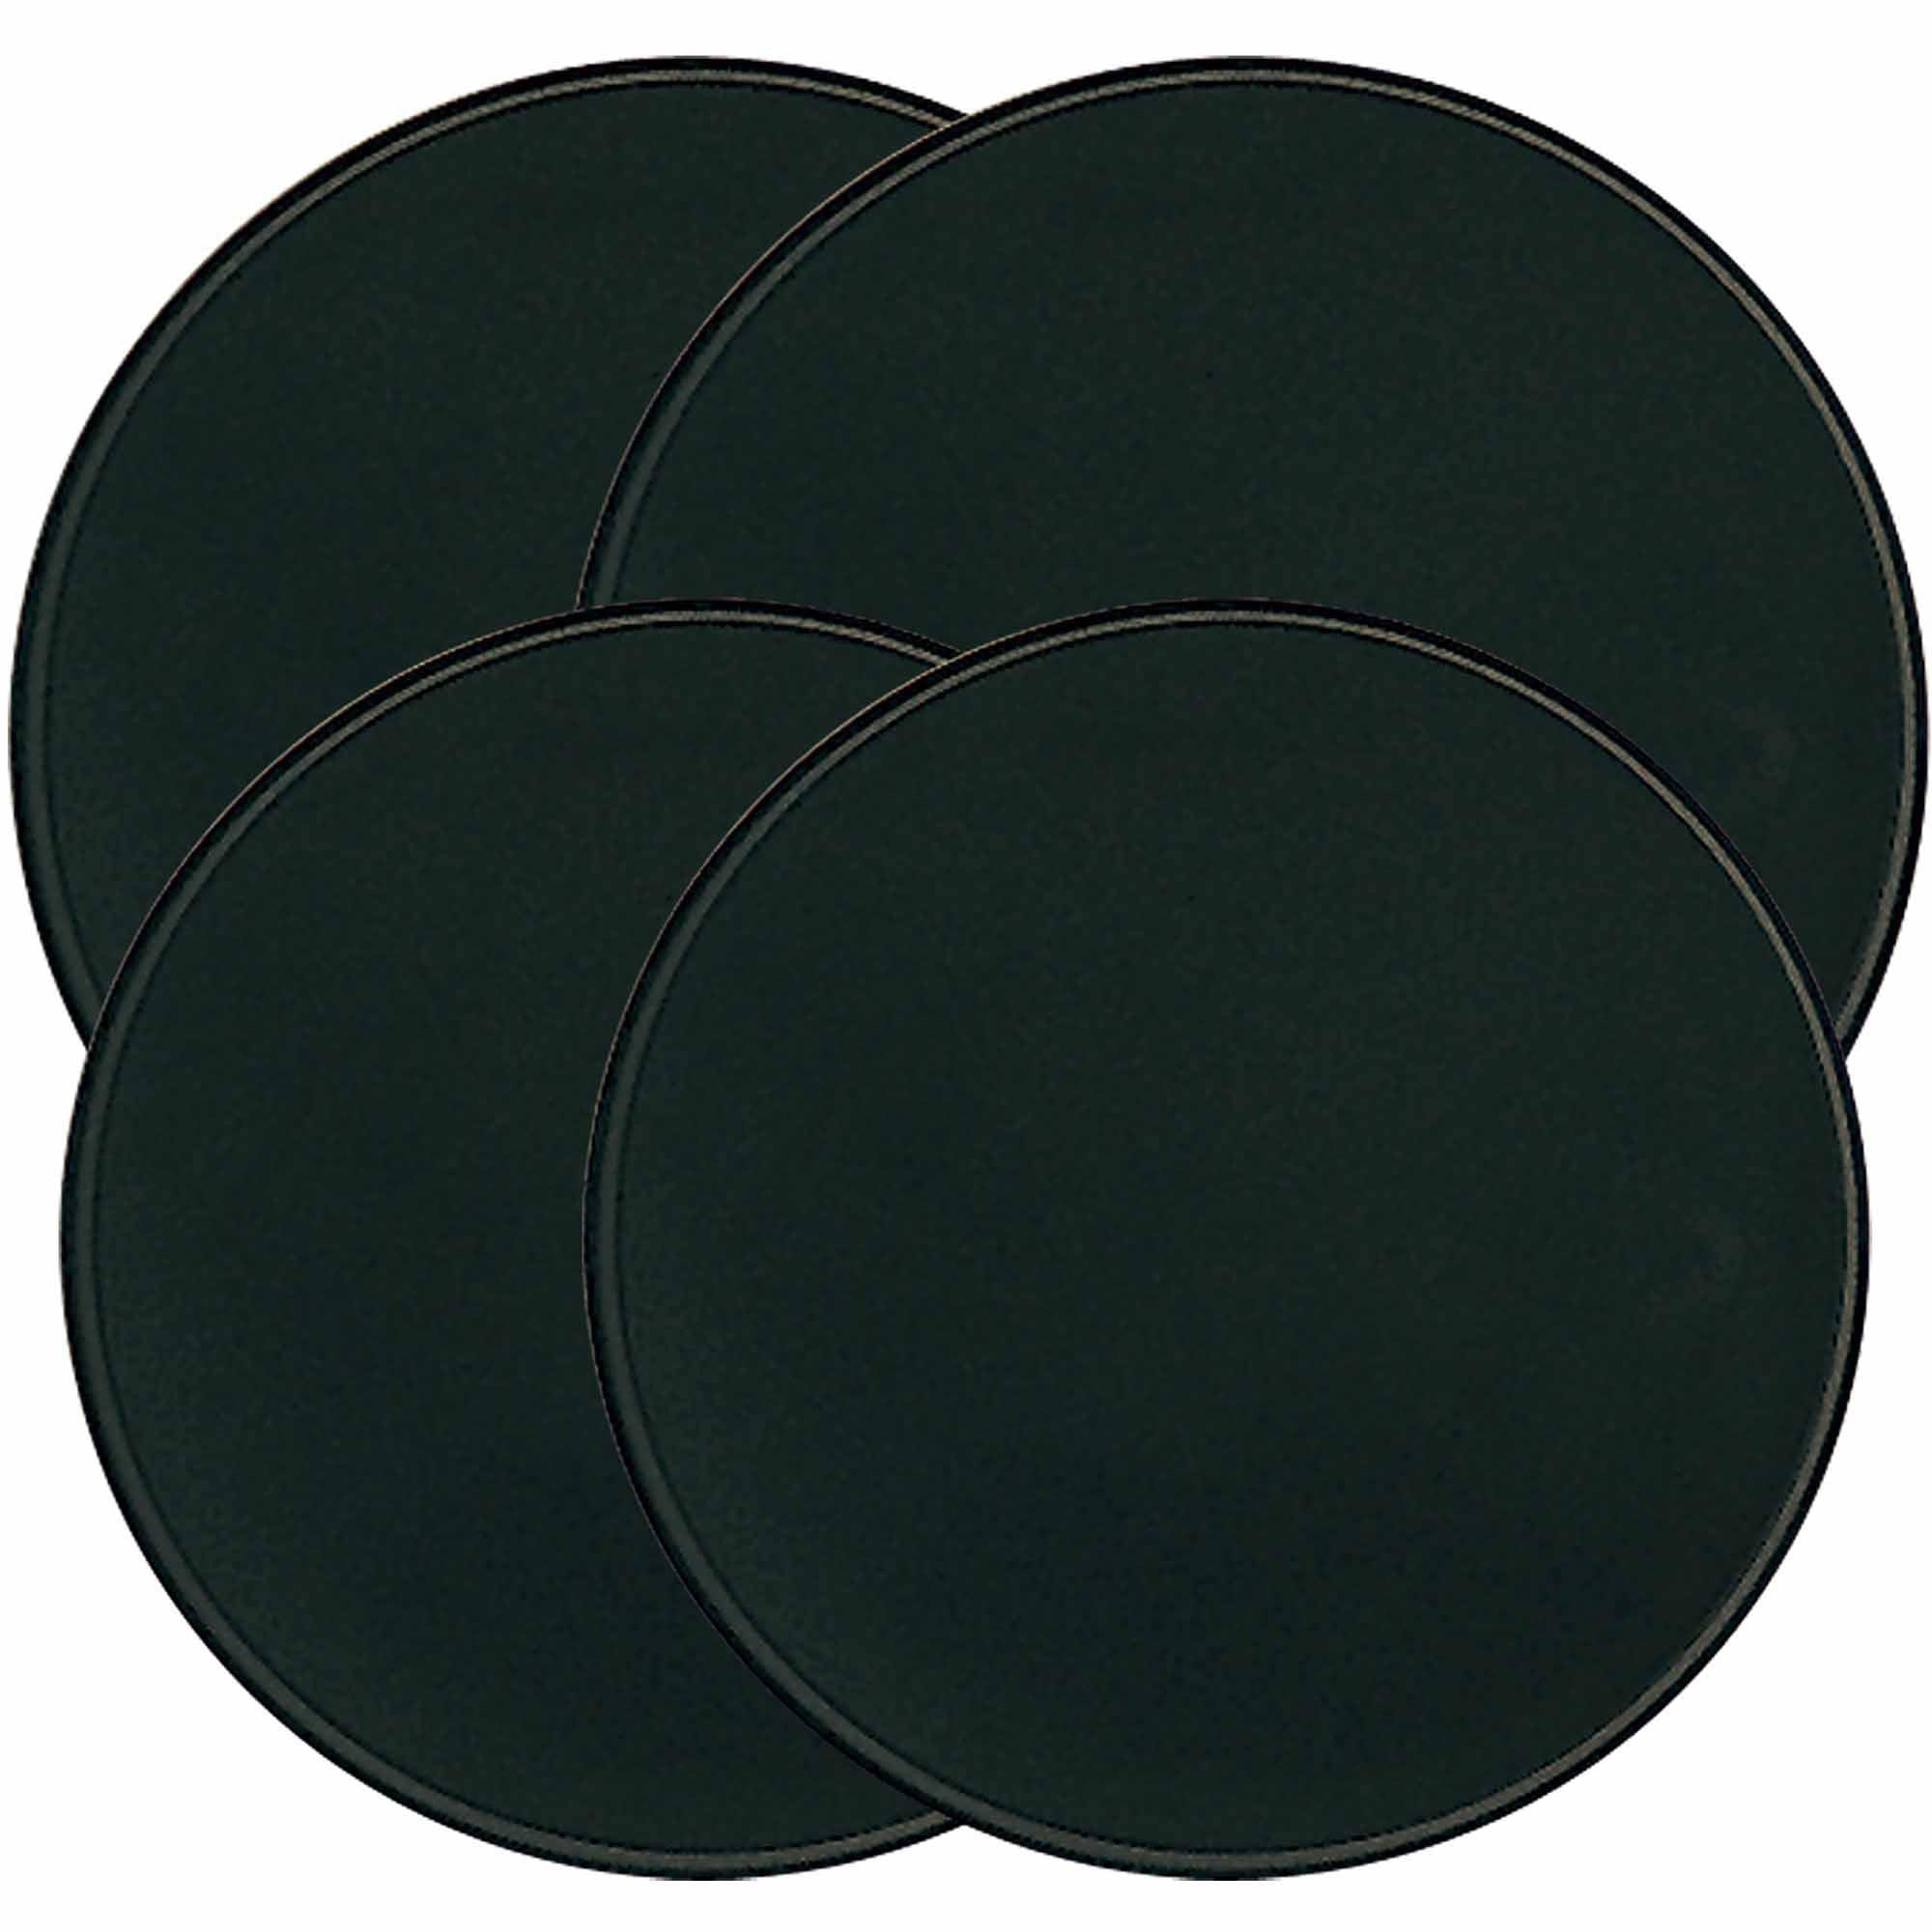 Range Kleen 4-Piece Burner Kover Set, Round, Black